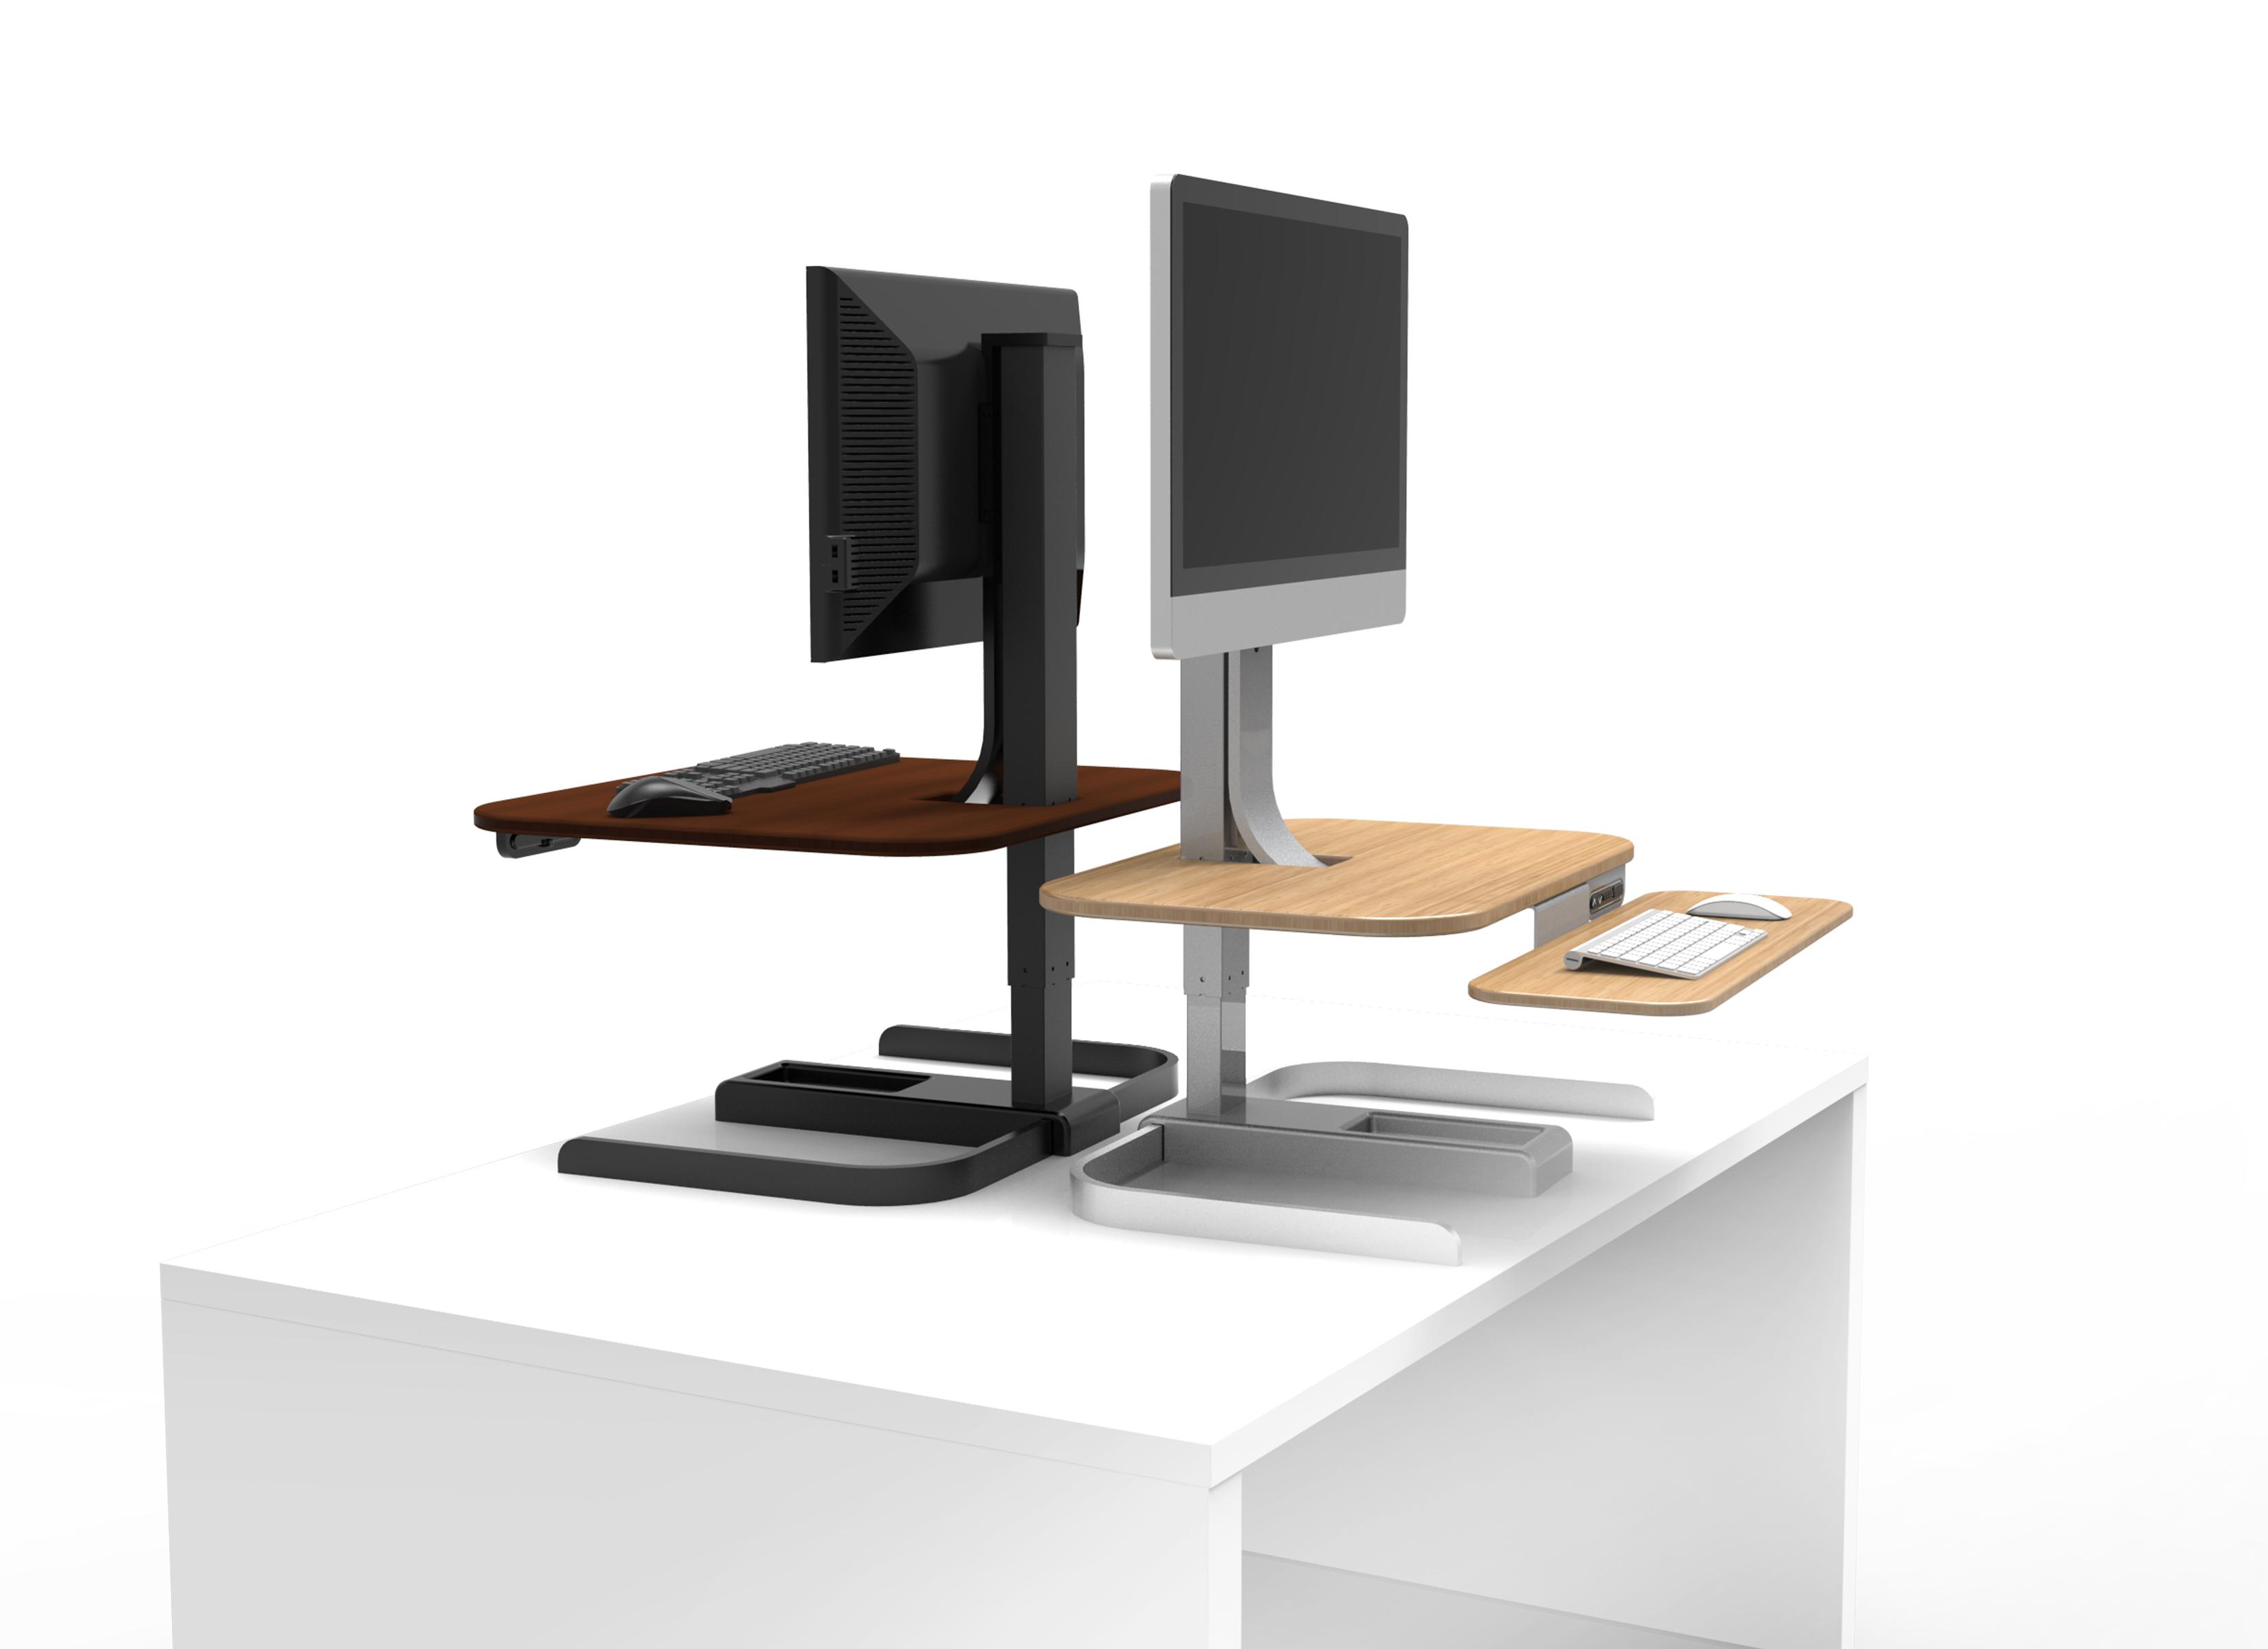 CrossOver convierte tu escritorio en el puesto de trabajo que siempre soñaste